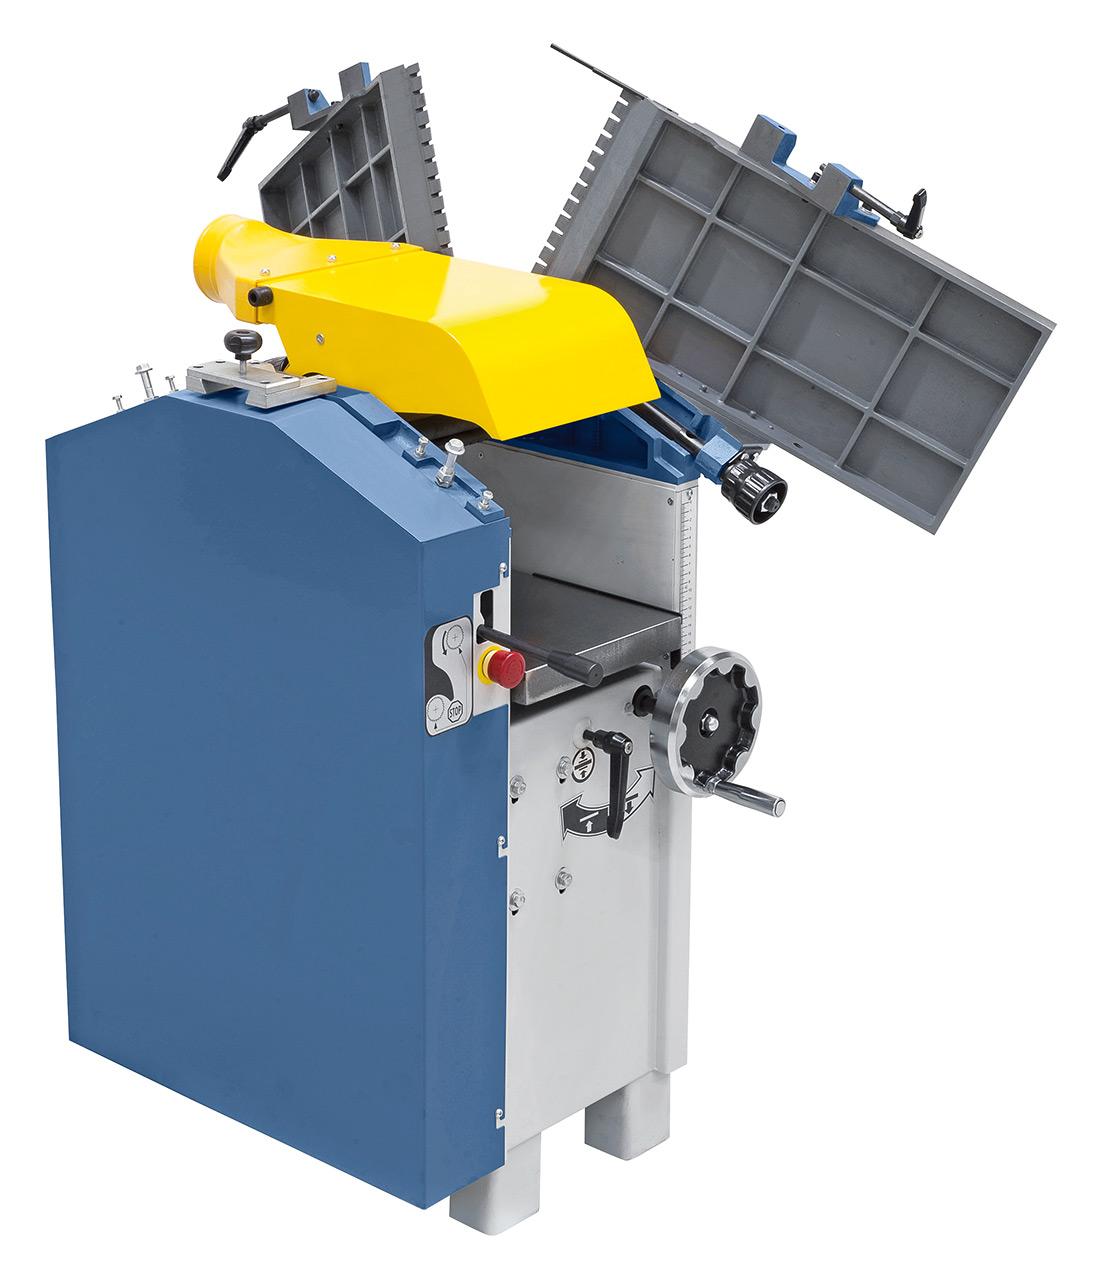 Die hochklappbaren Abrichttische ermöglichen beim Dickenhobeln ein optimales und sicheres Arbeiten, auch bei kurzen Werkstücken